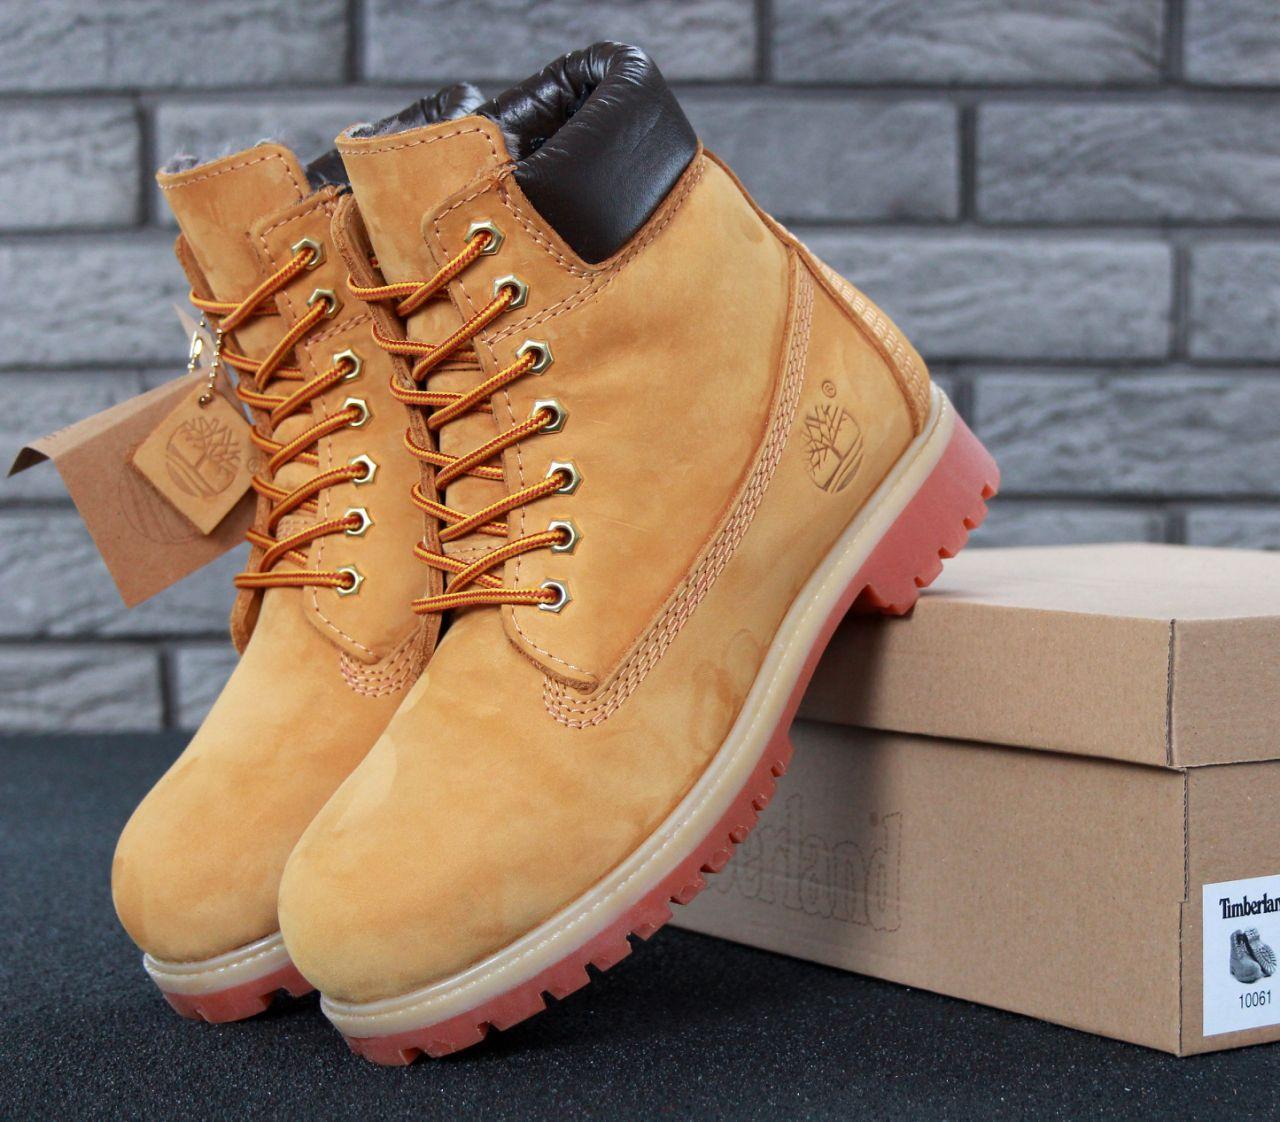 Ботинки Timberland Classic Yellow натуральный мех